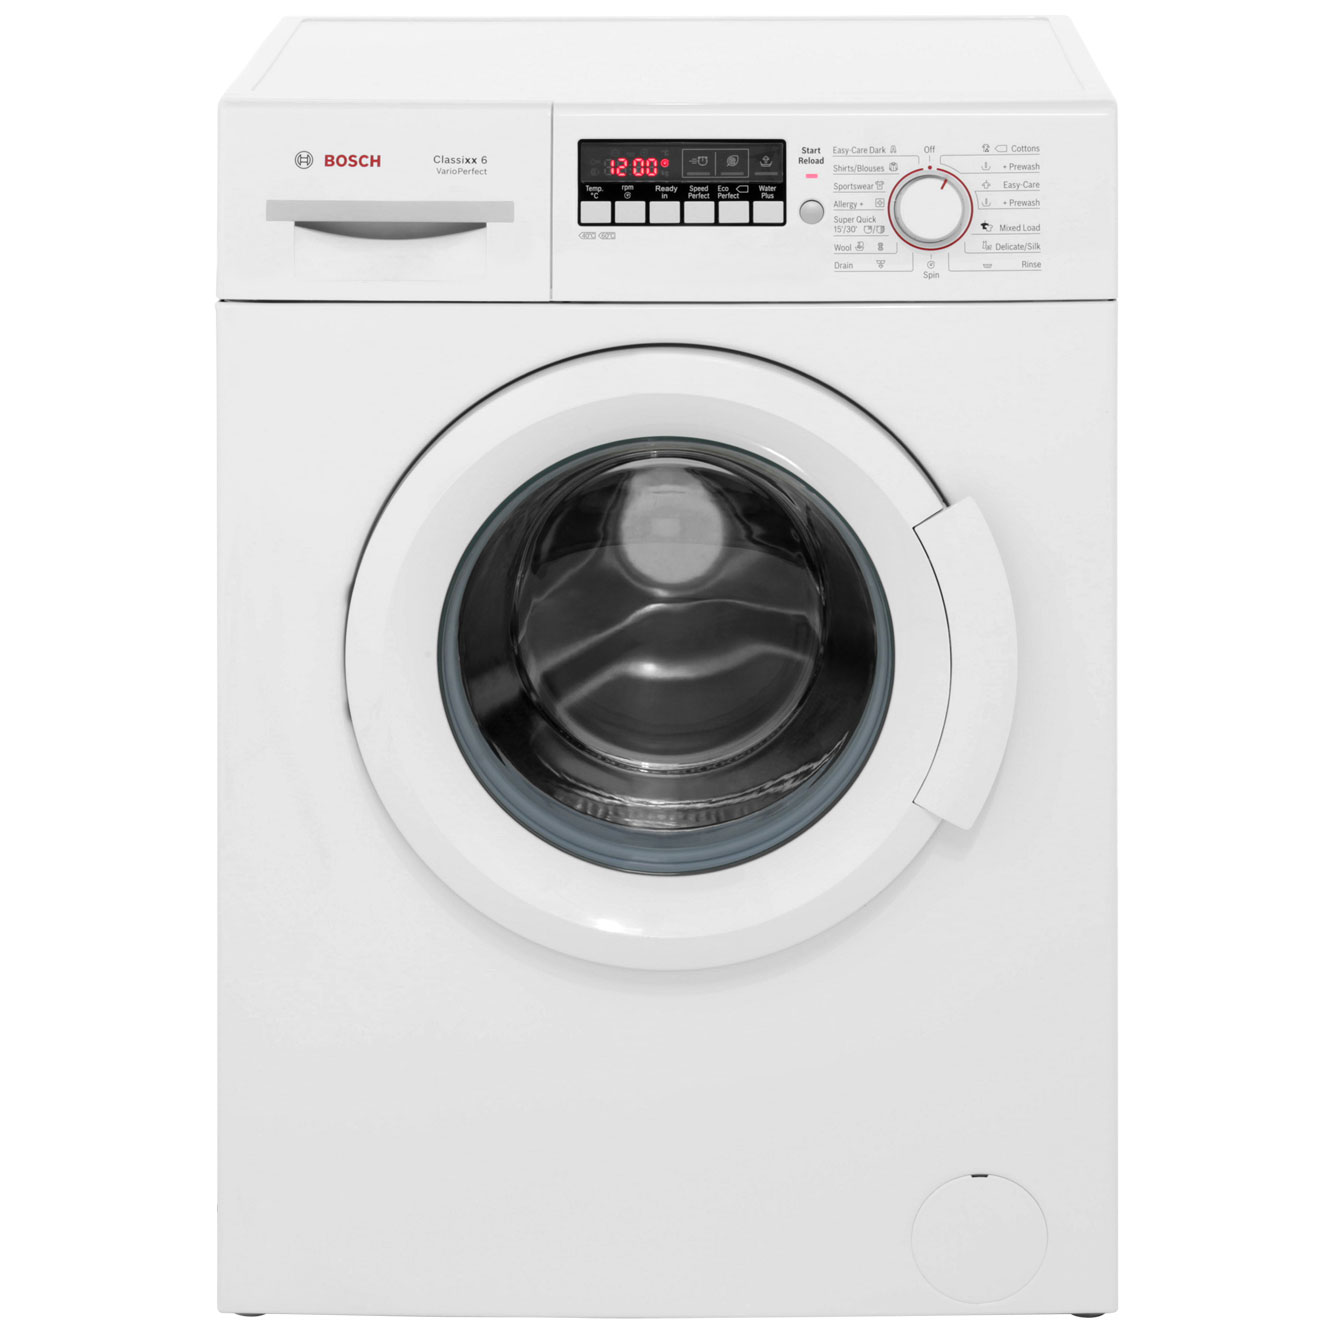 wasmachine monteur Zoetermeer